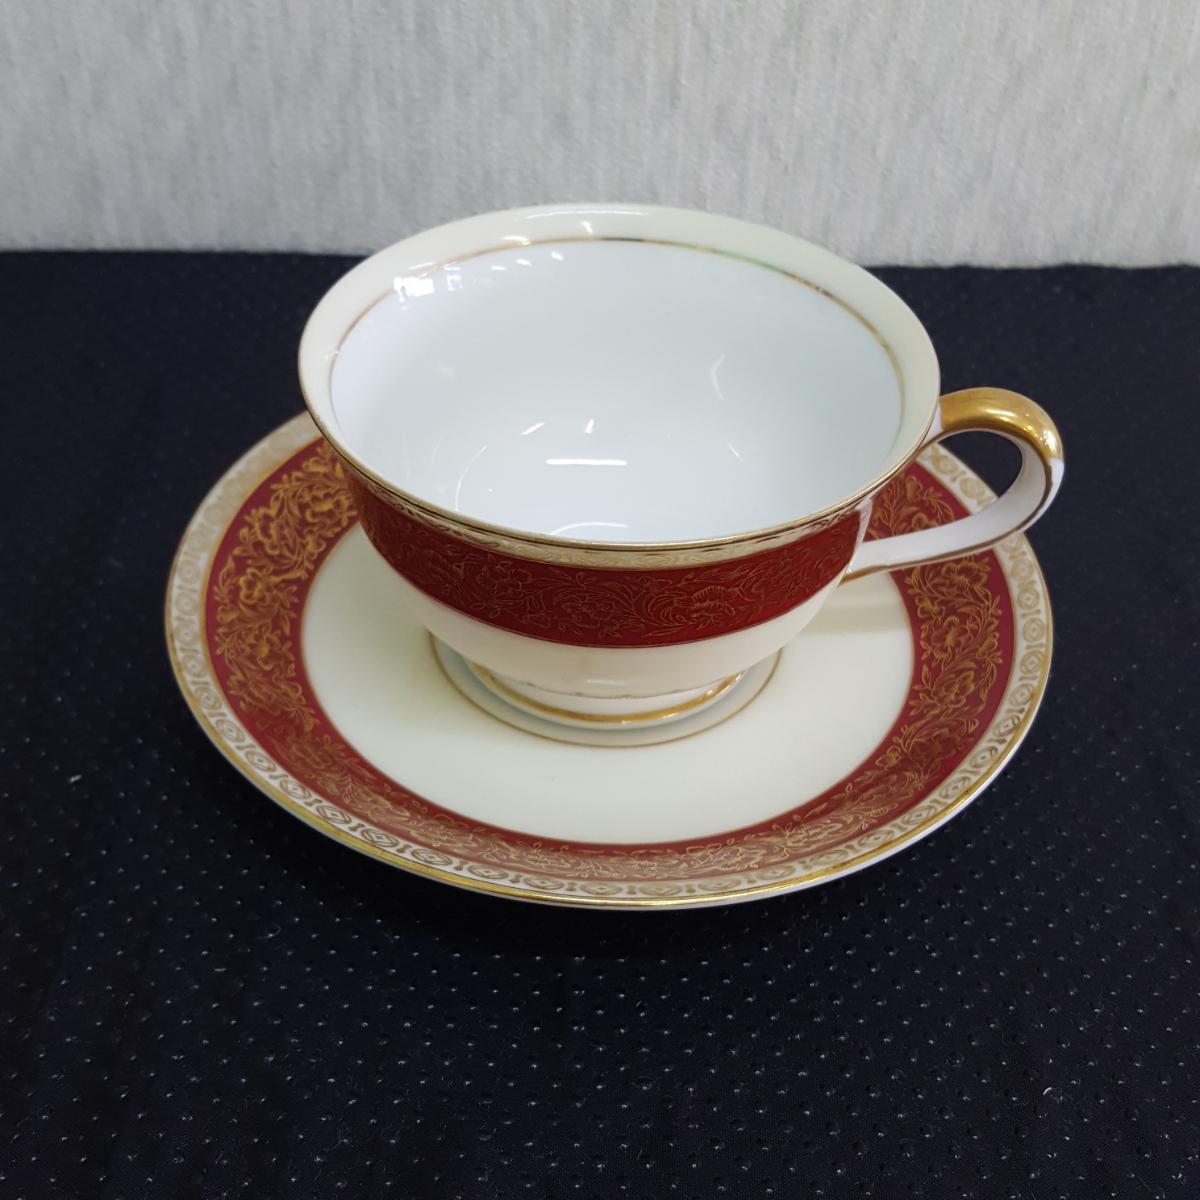 山口陶器 JYOTO 陶器 CHINA カップ&ソーサー 昭和レトロ 金彩